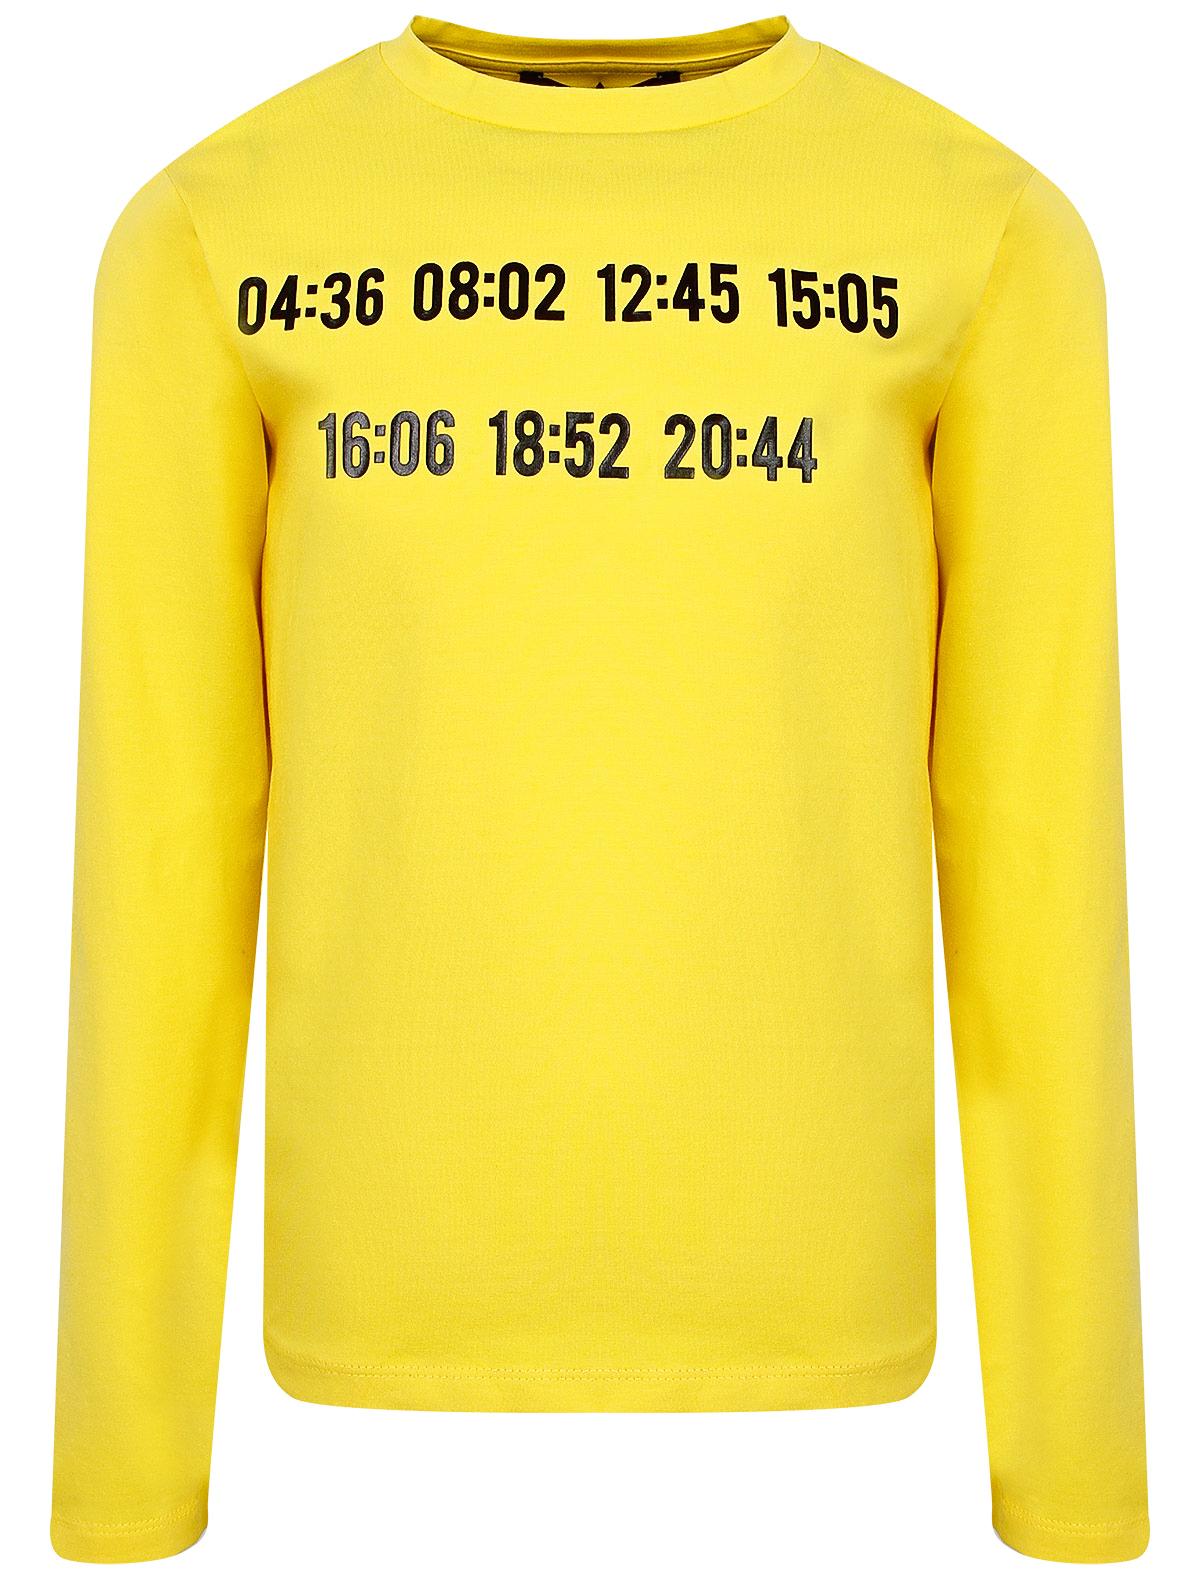 Купить 2136187, Лонгслив ATTIC21, желтый, Мужской, 4162819980051